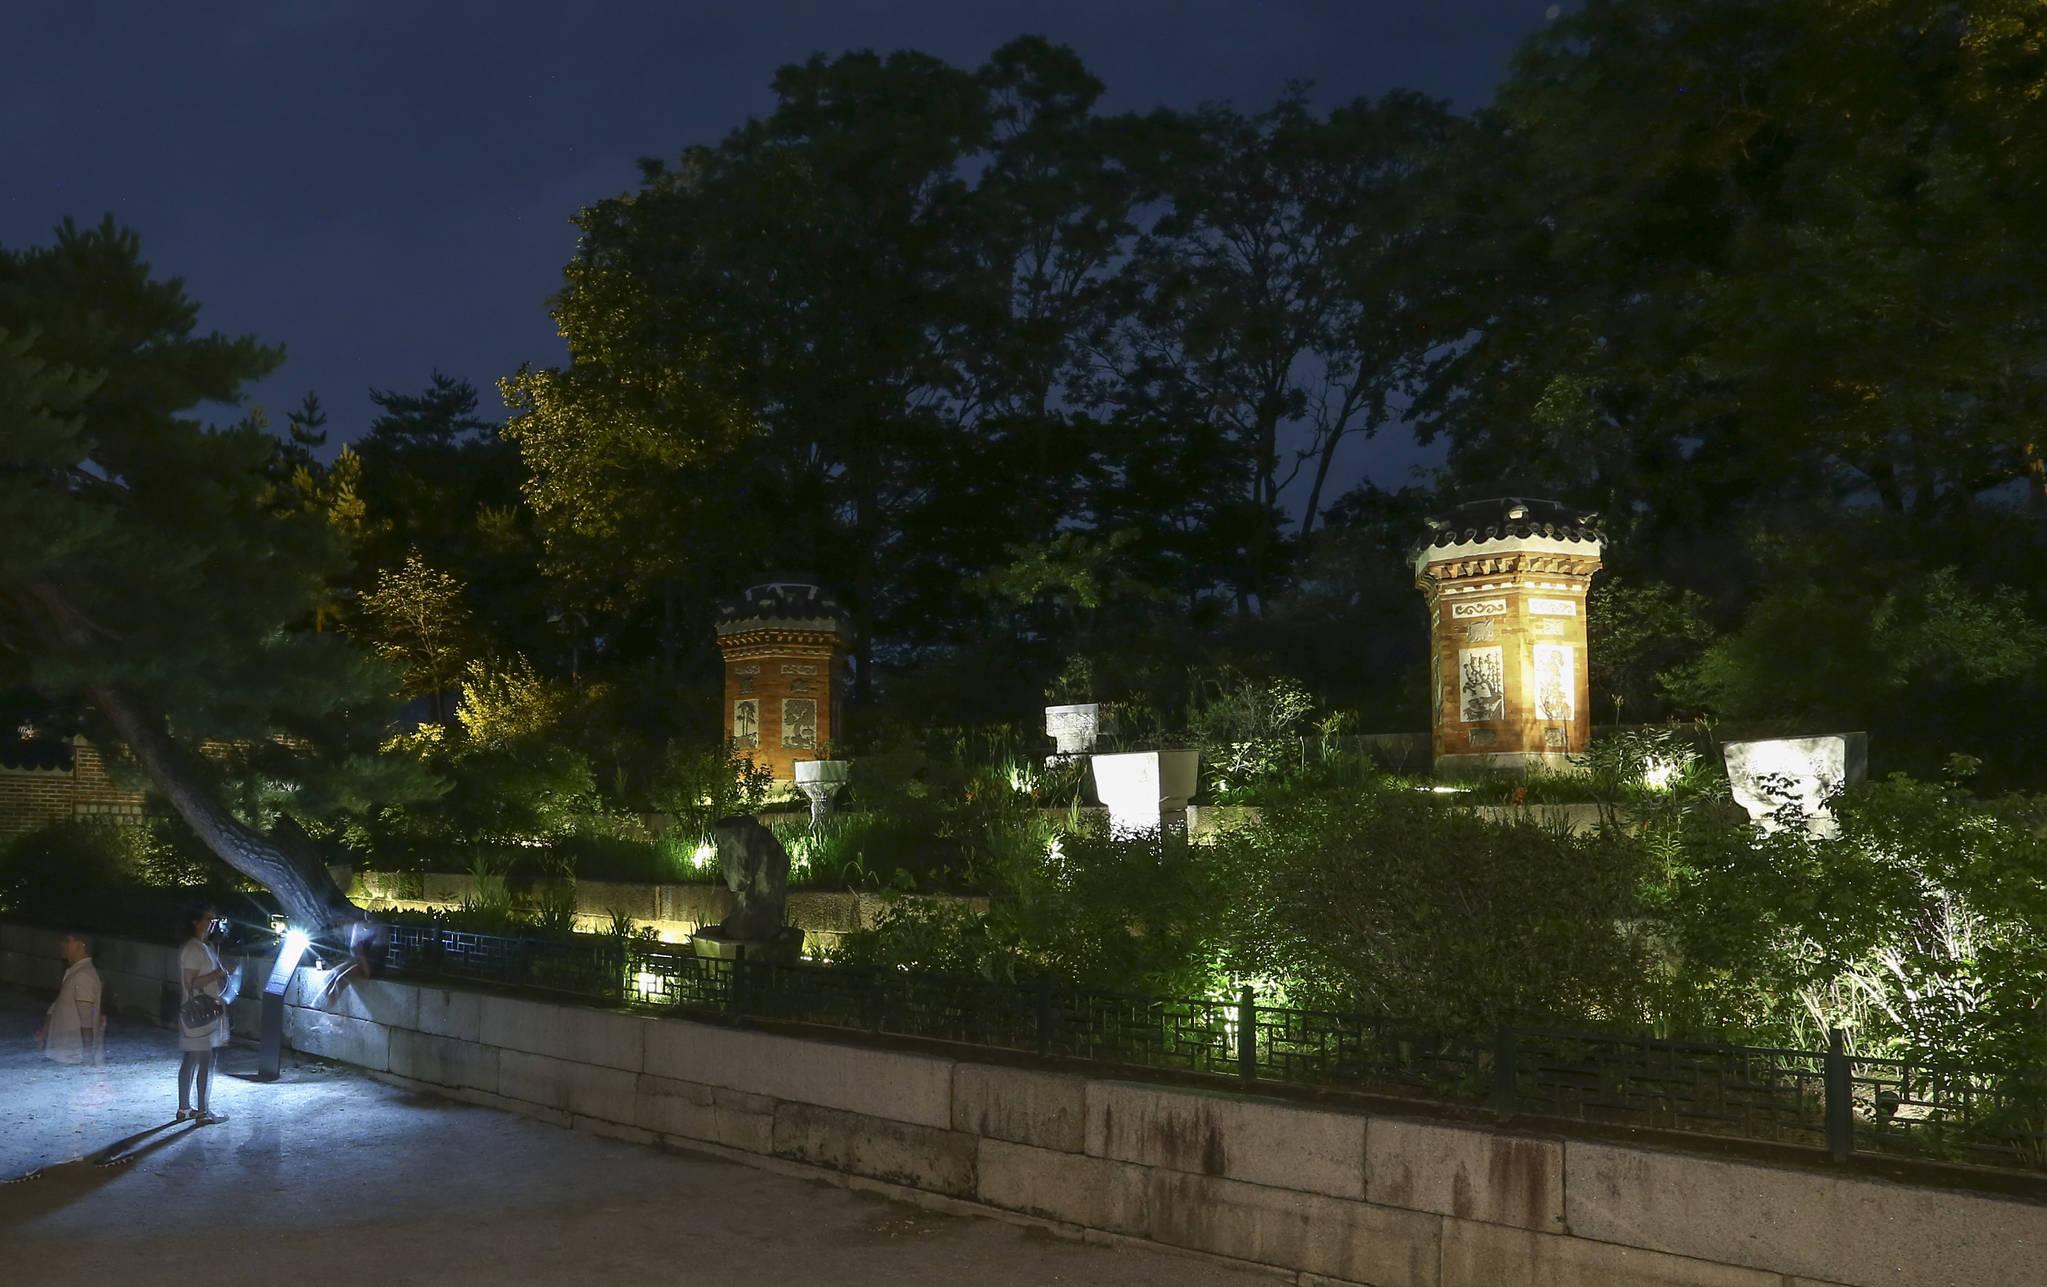 아미산 정원과 굴뚝. 아미산 정원은 경회루 연못을 만들때 퍼낸 흙으로 만들었다. 임현동 기자